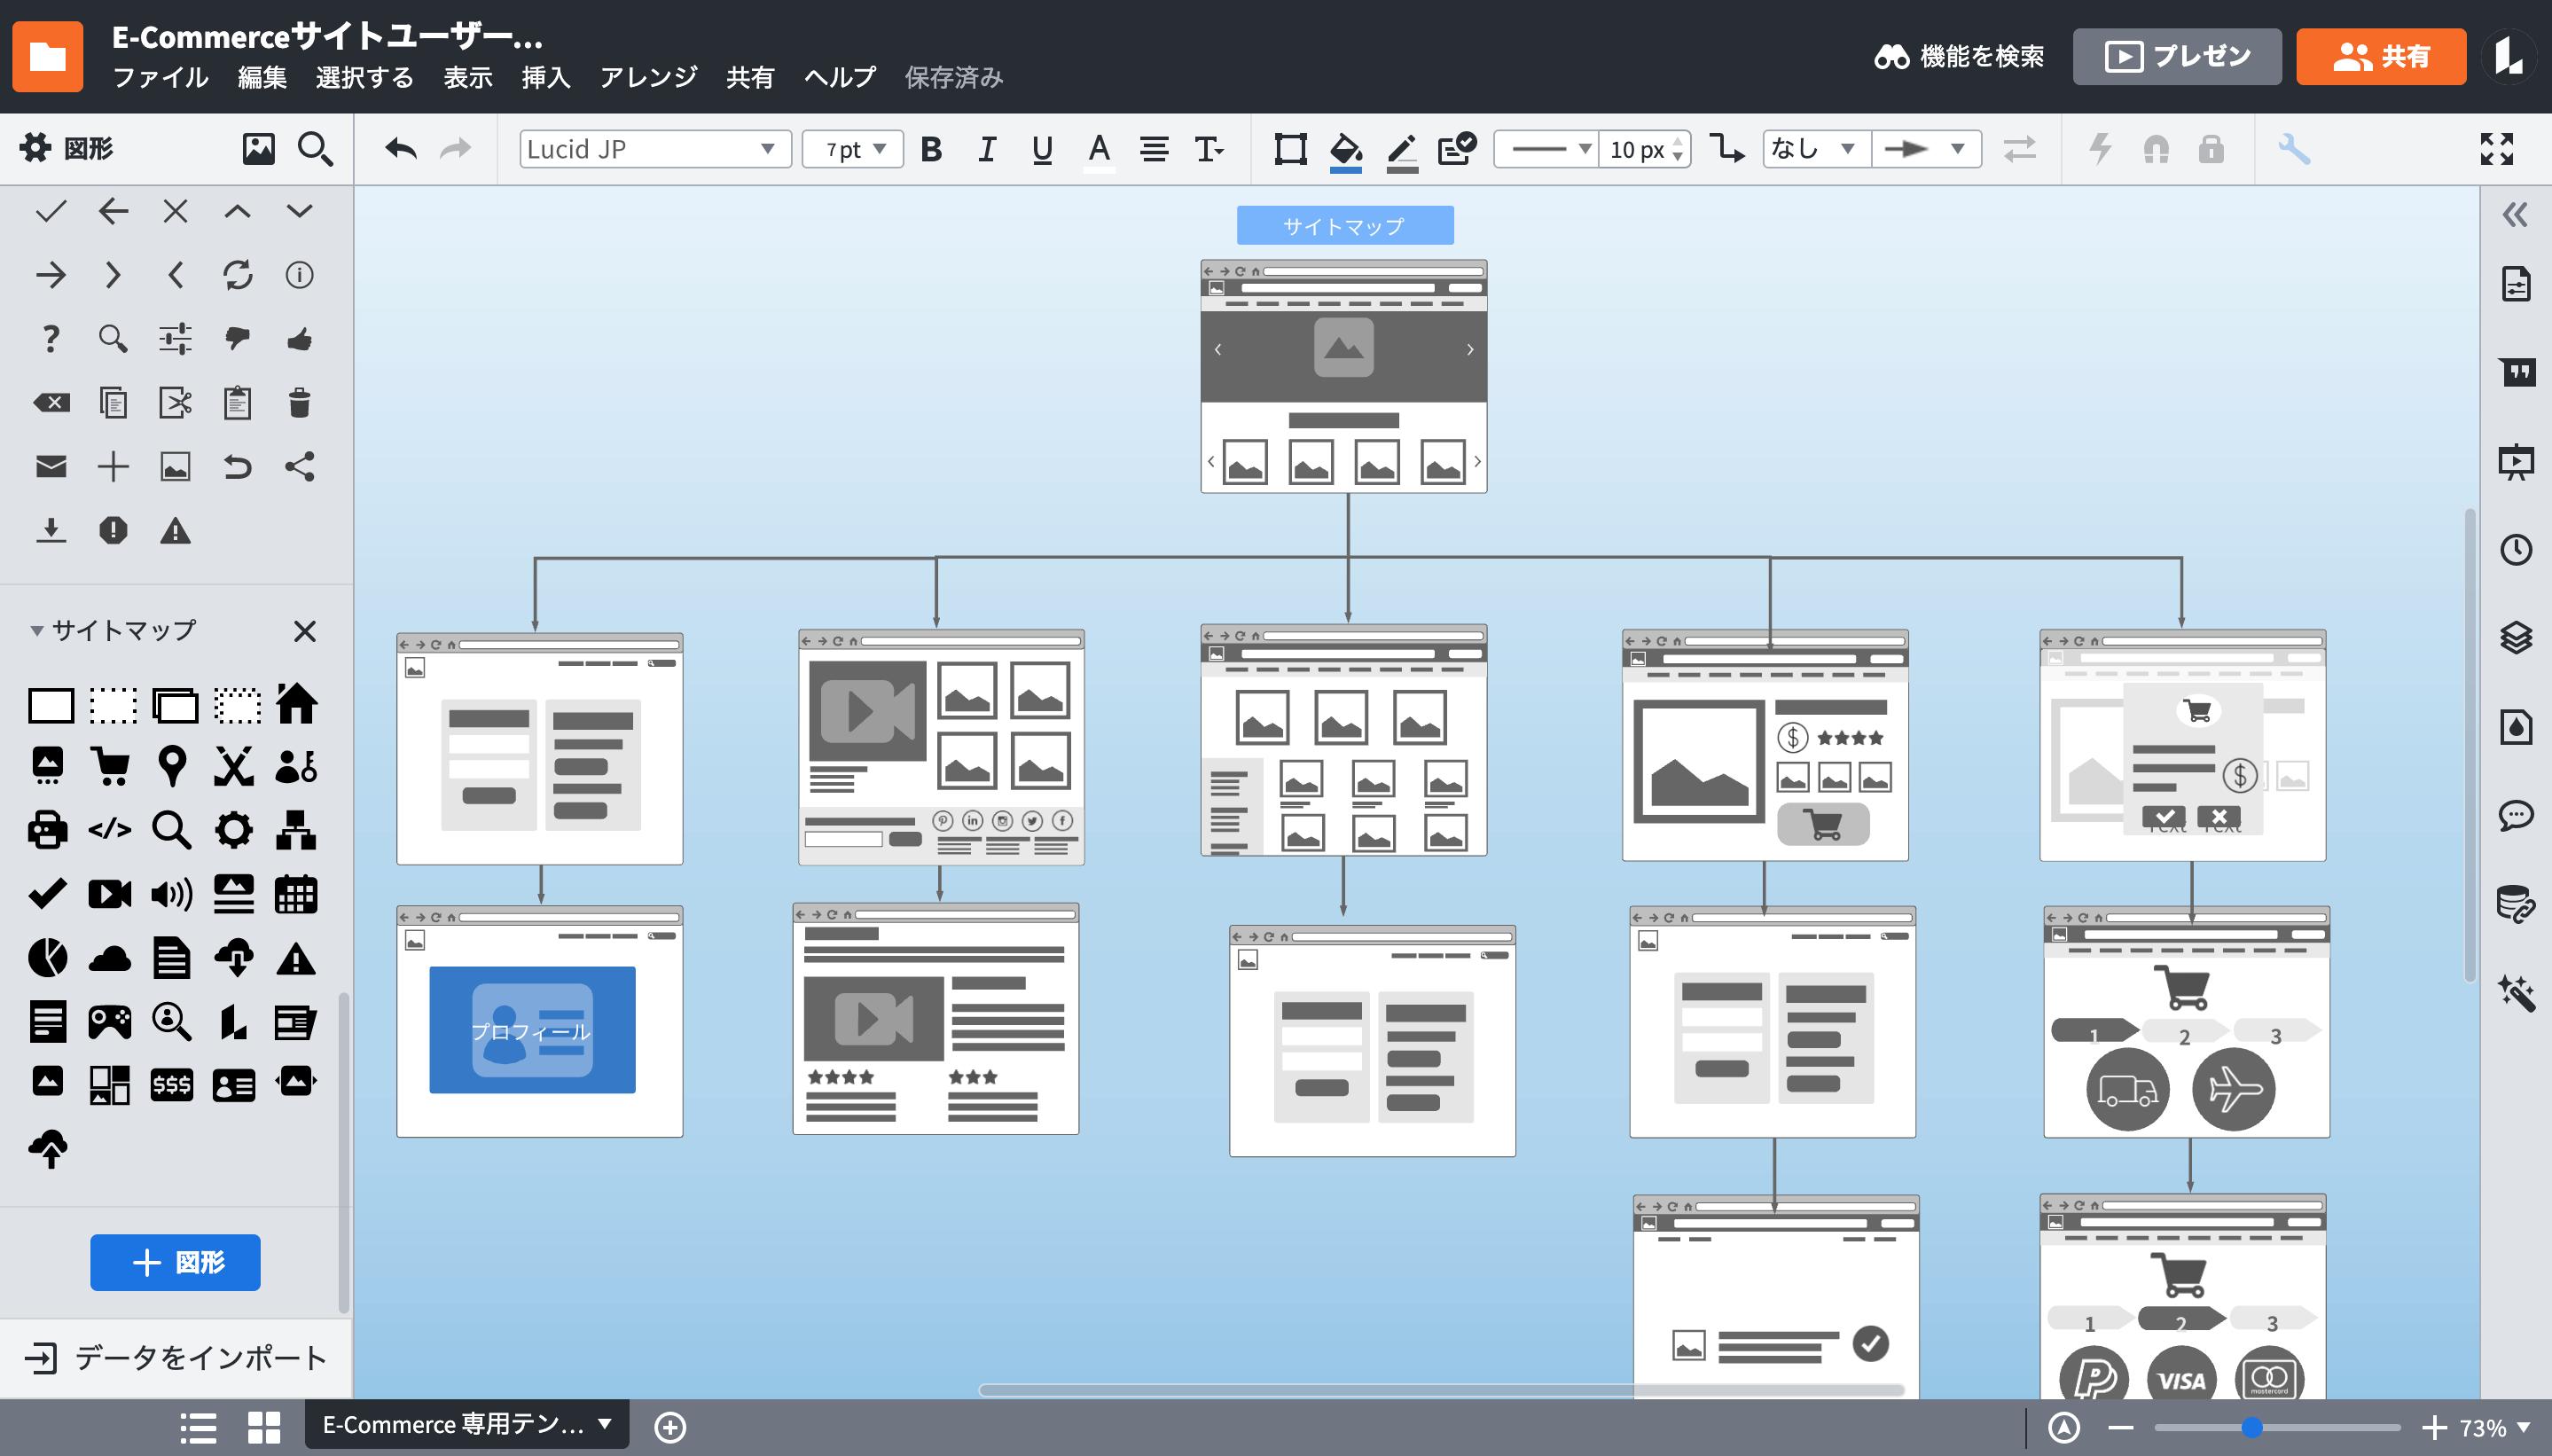 サイトマップの可視化ならLucidchartサイトマップツールにお任せ